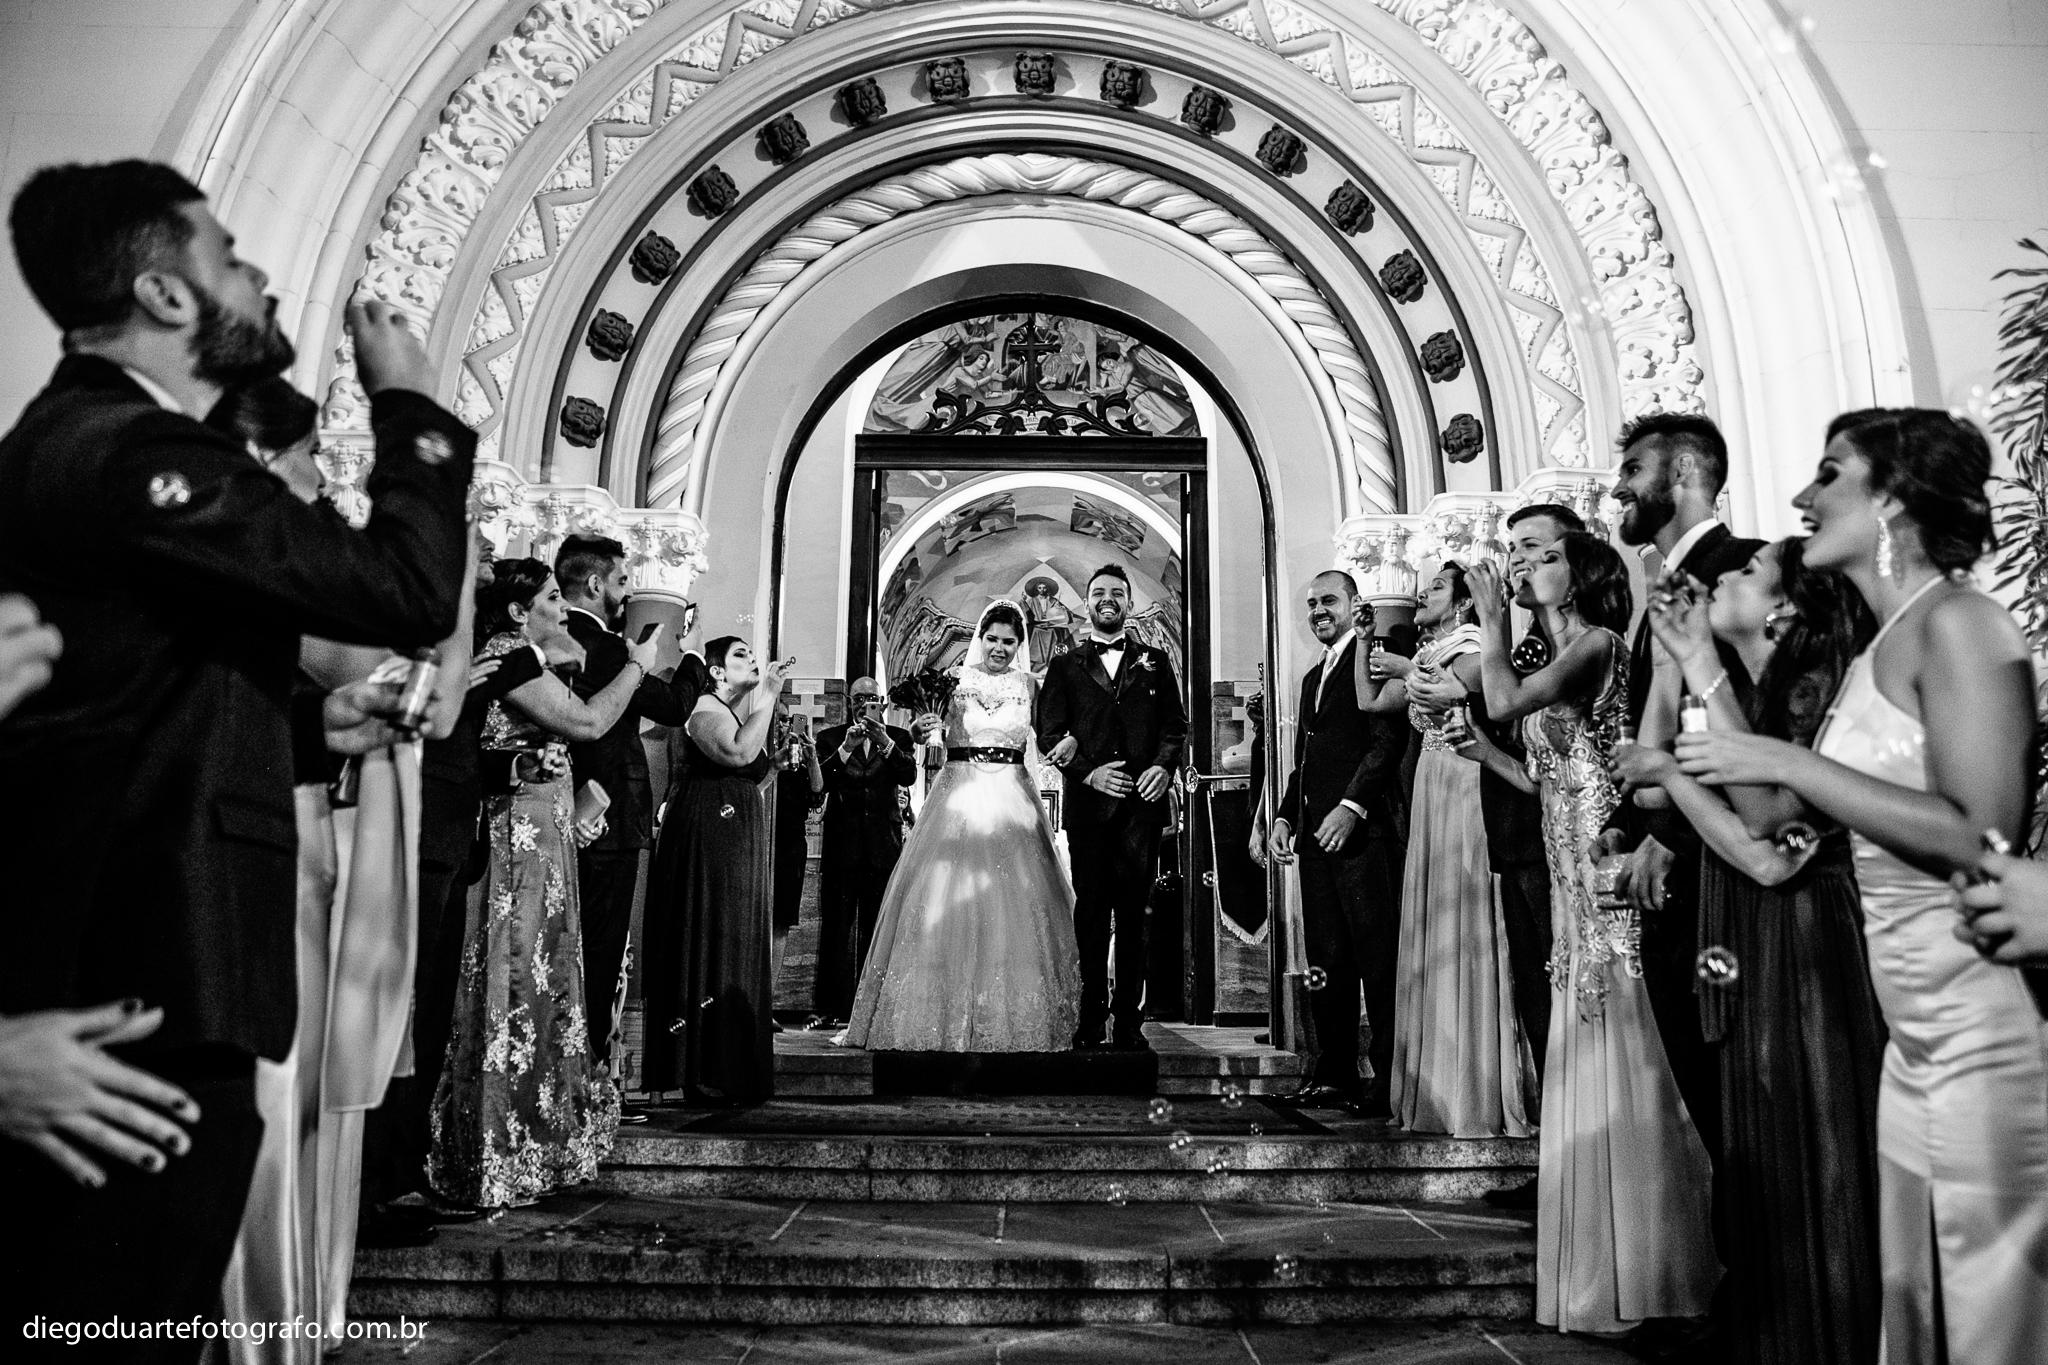 Contate Diego Duarte: Fotografia de casamento criativo em Rio de Janeiro